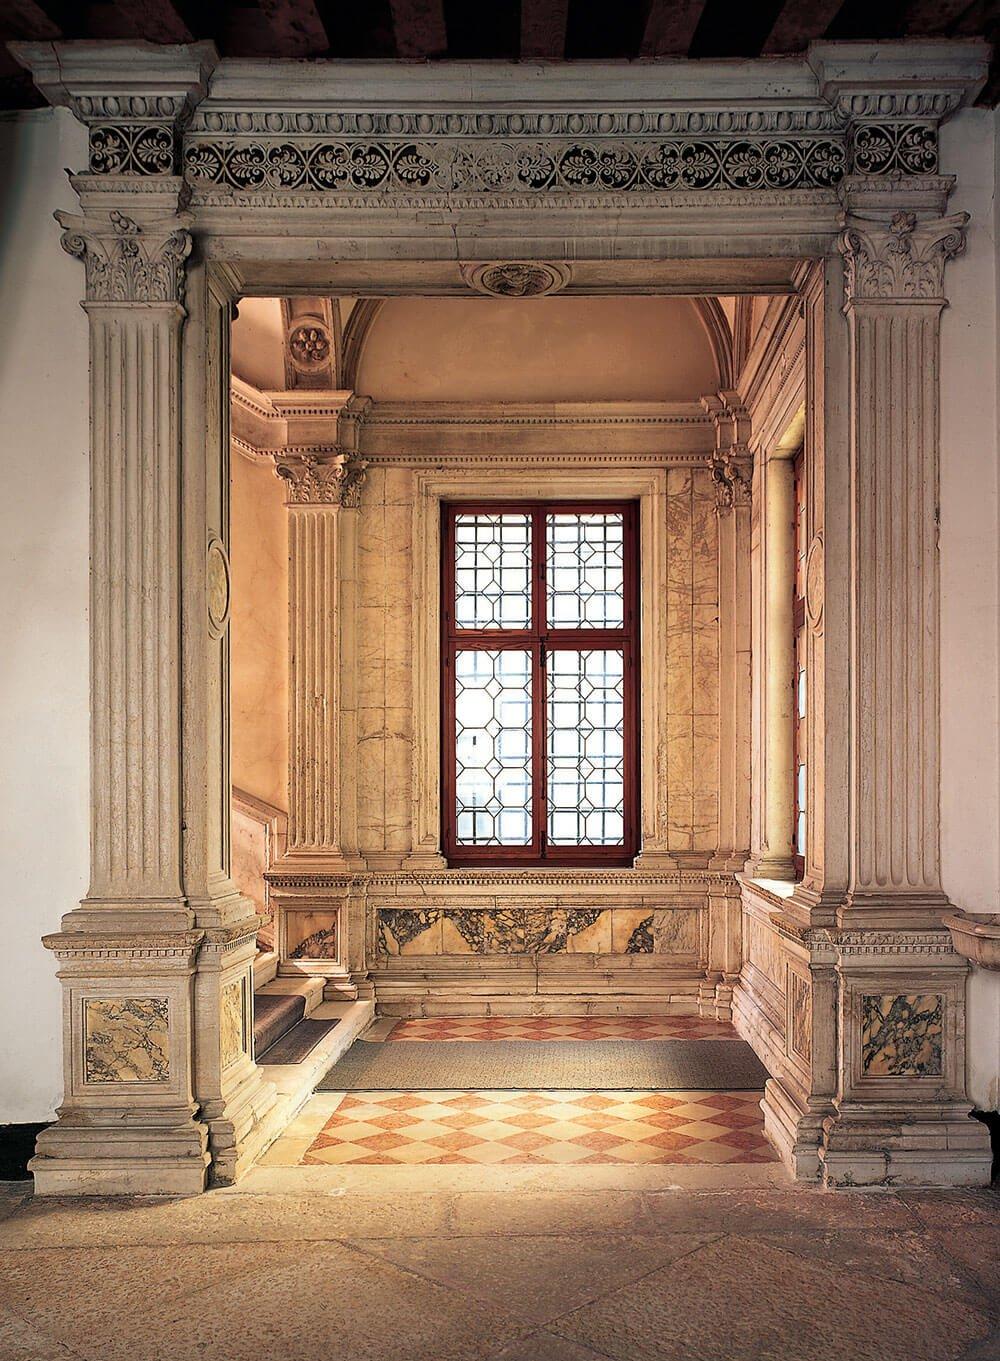 Portale dello scalone, 1498 - Mauro Codussi